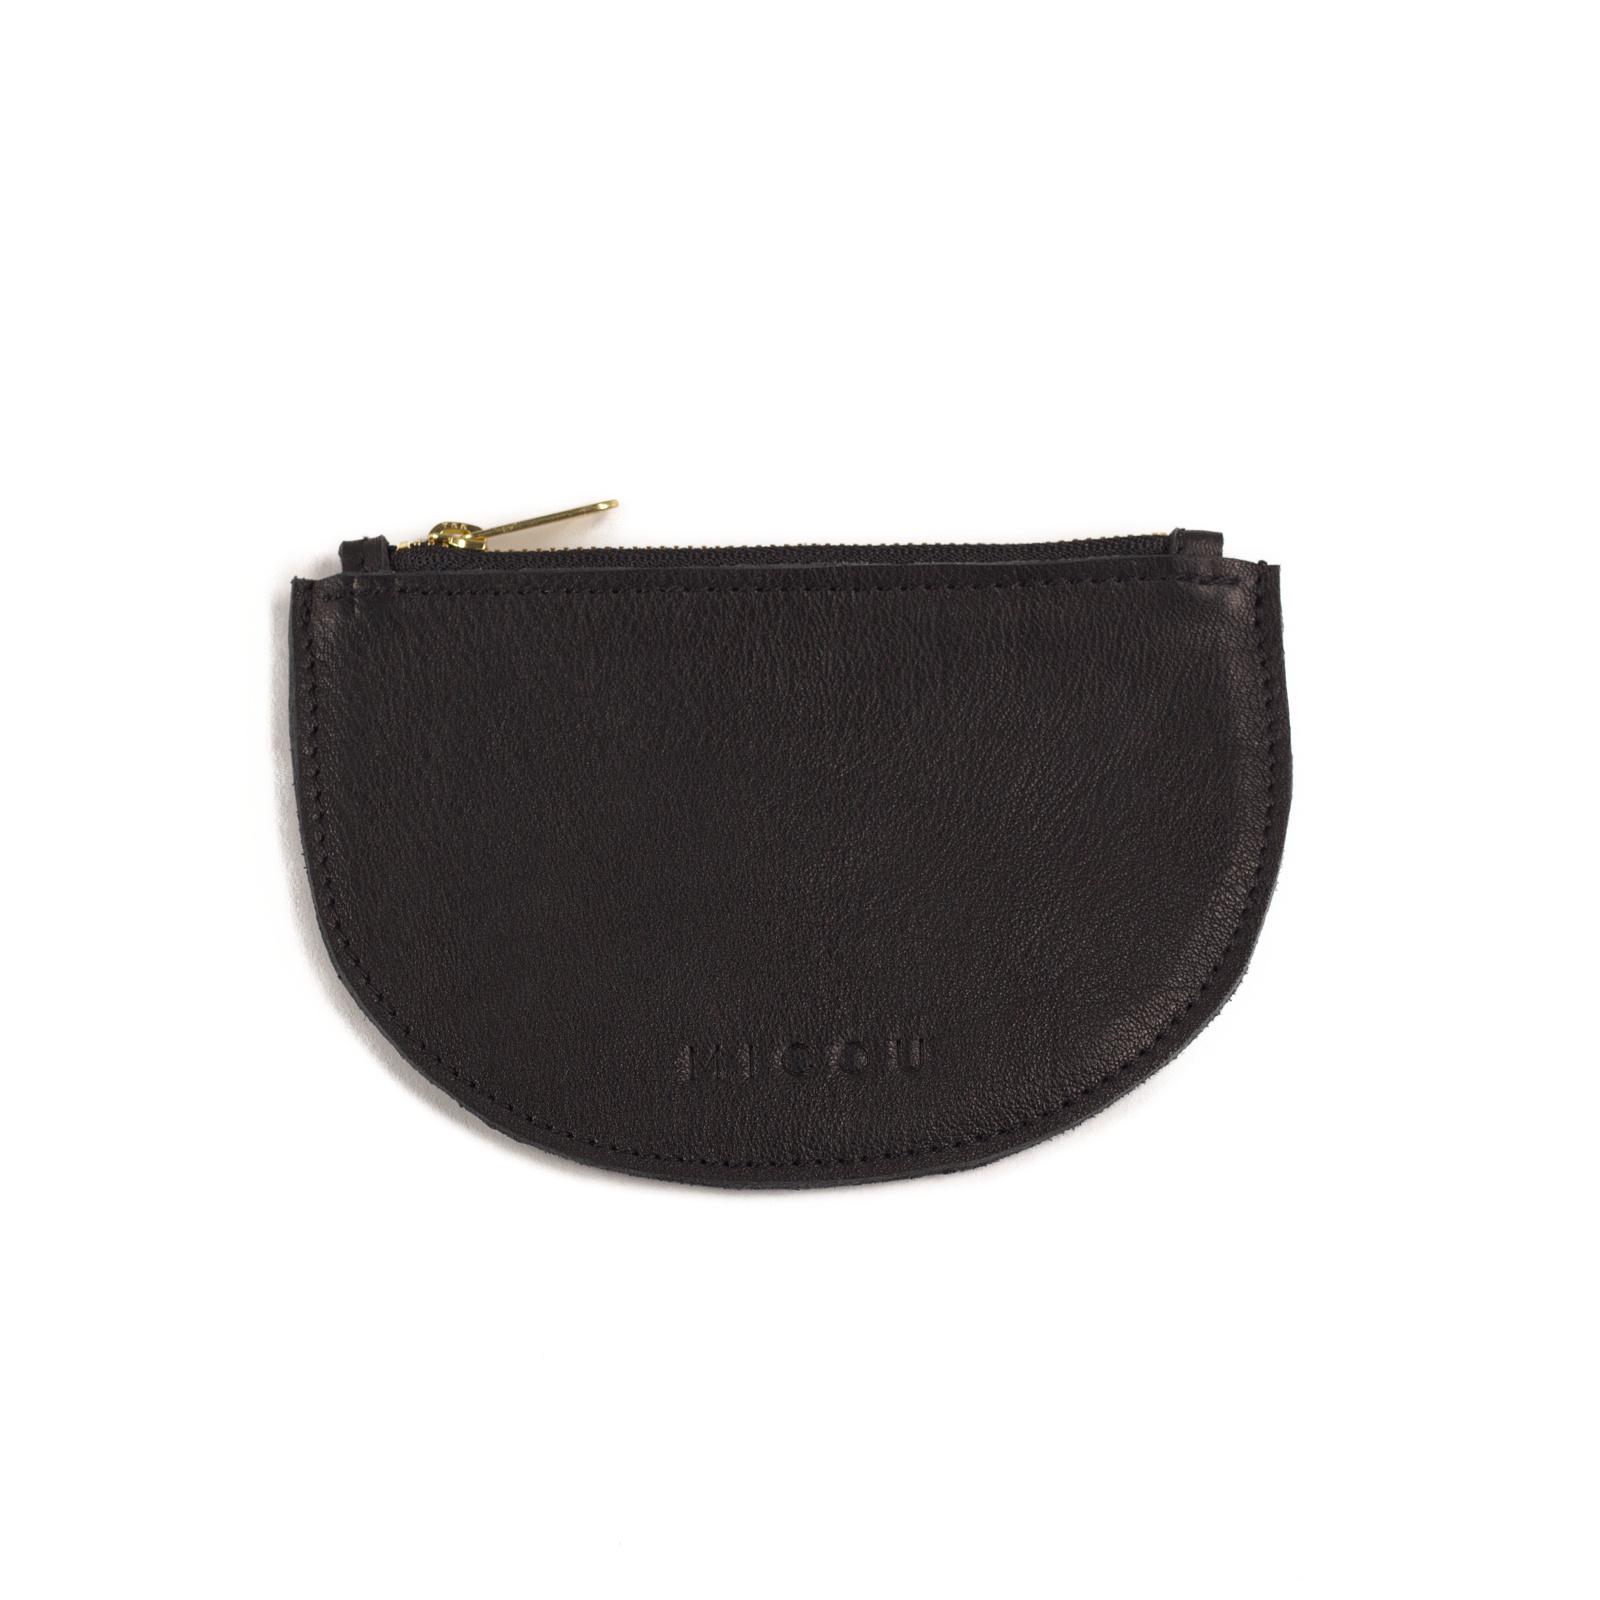 Das ist Portemonnaie Lara in Schwarz in der Vorderansicht.